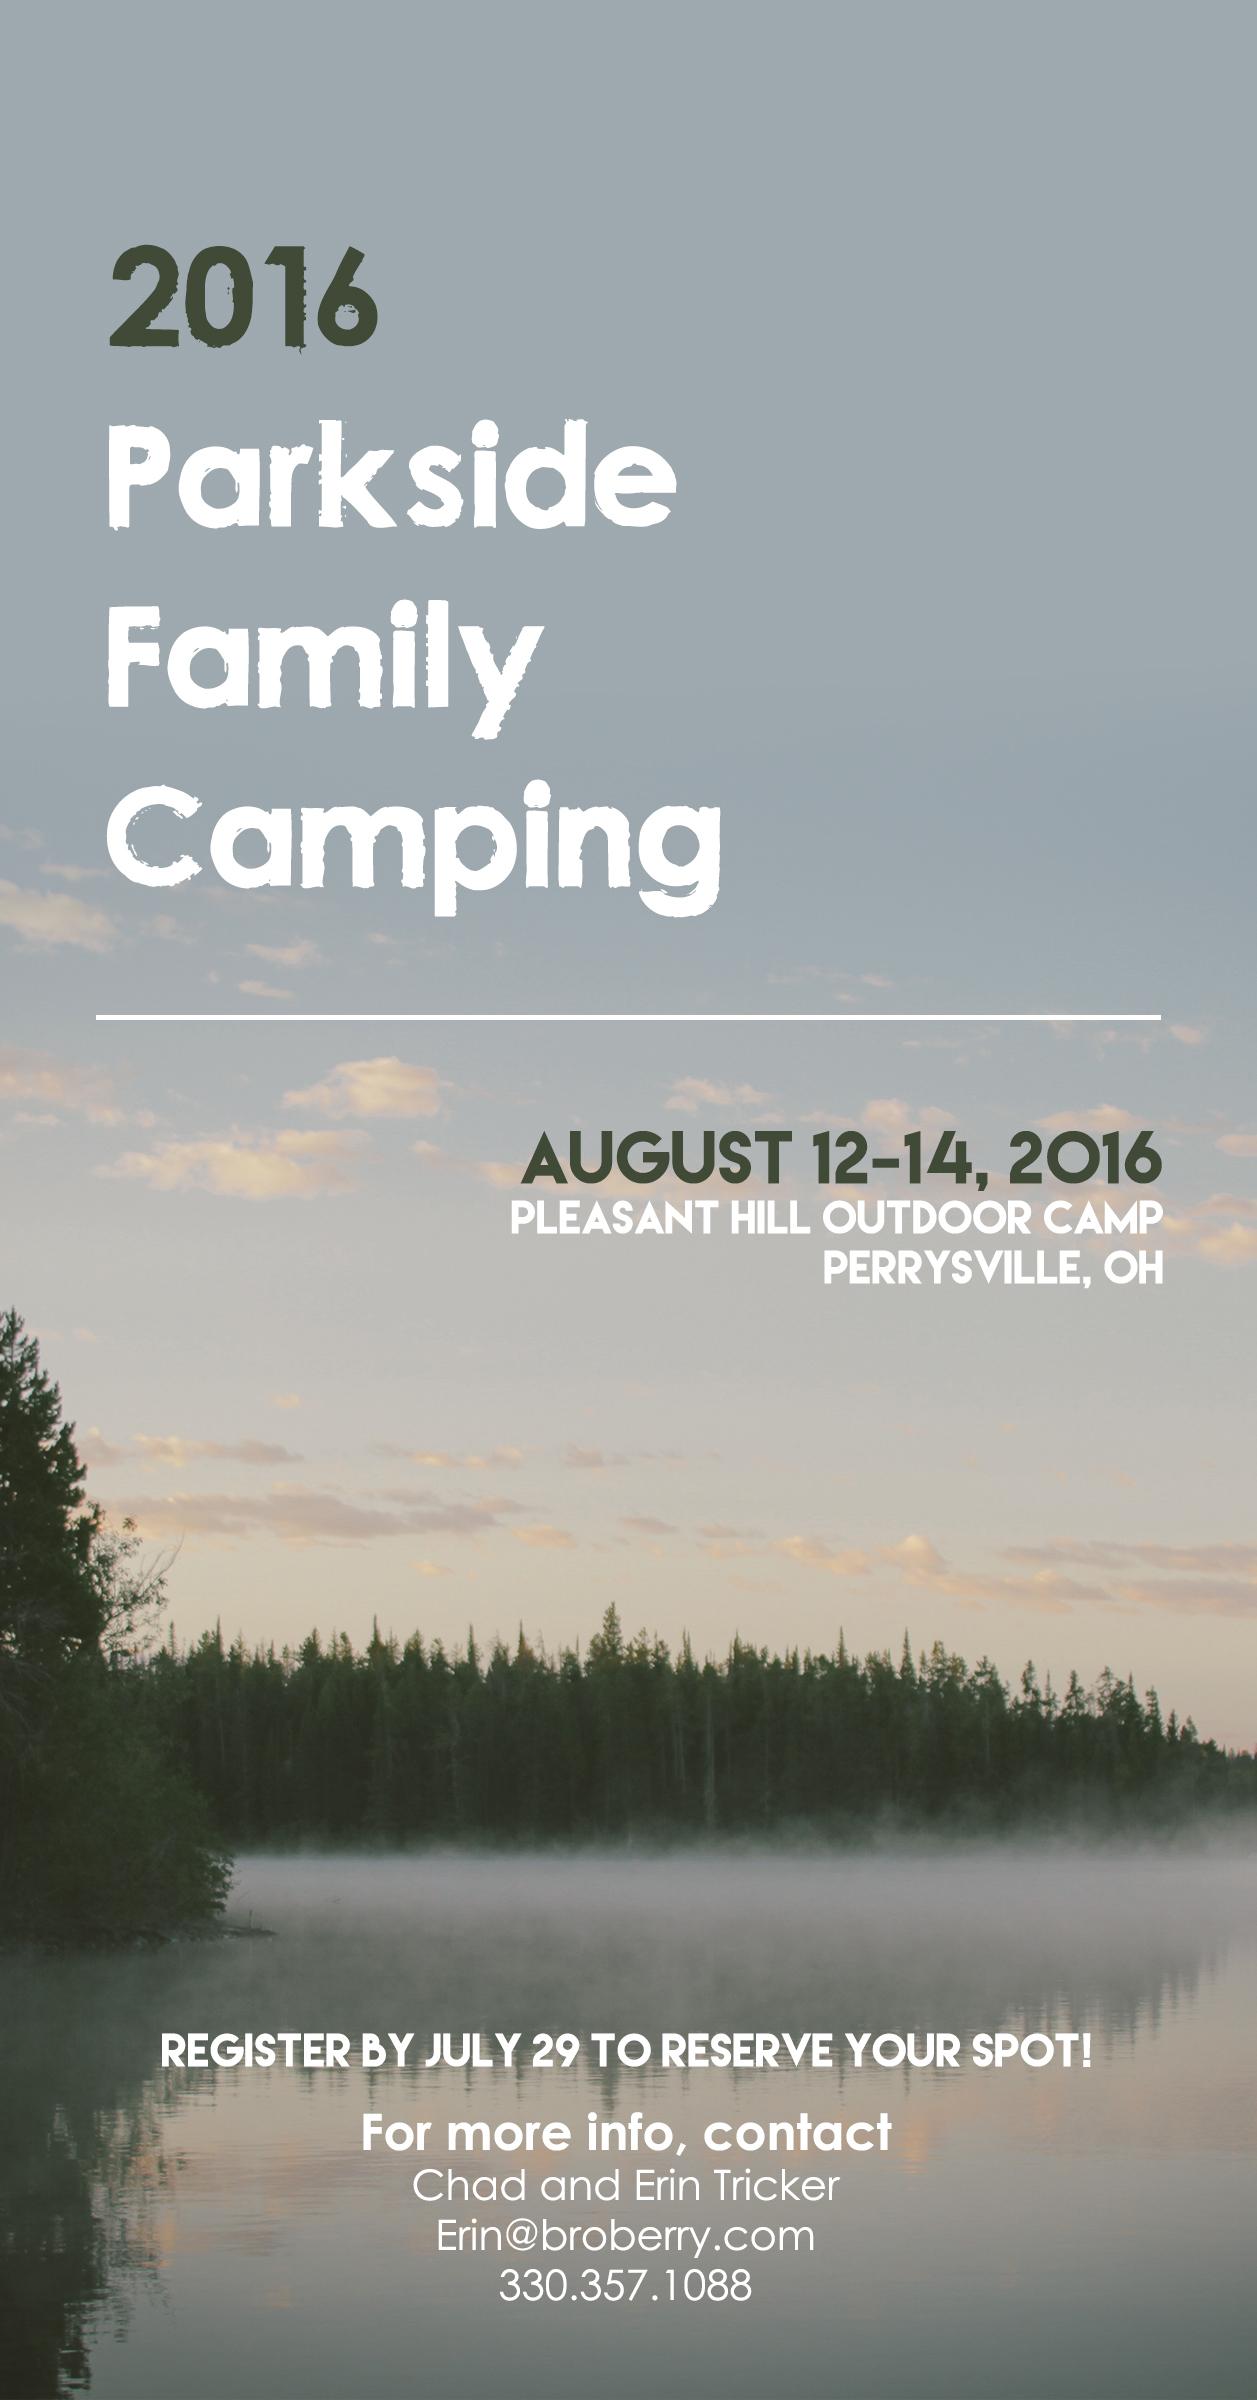 Parkside Family Camping_Insert.jpg